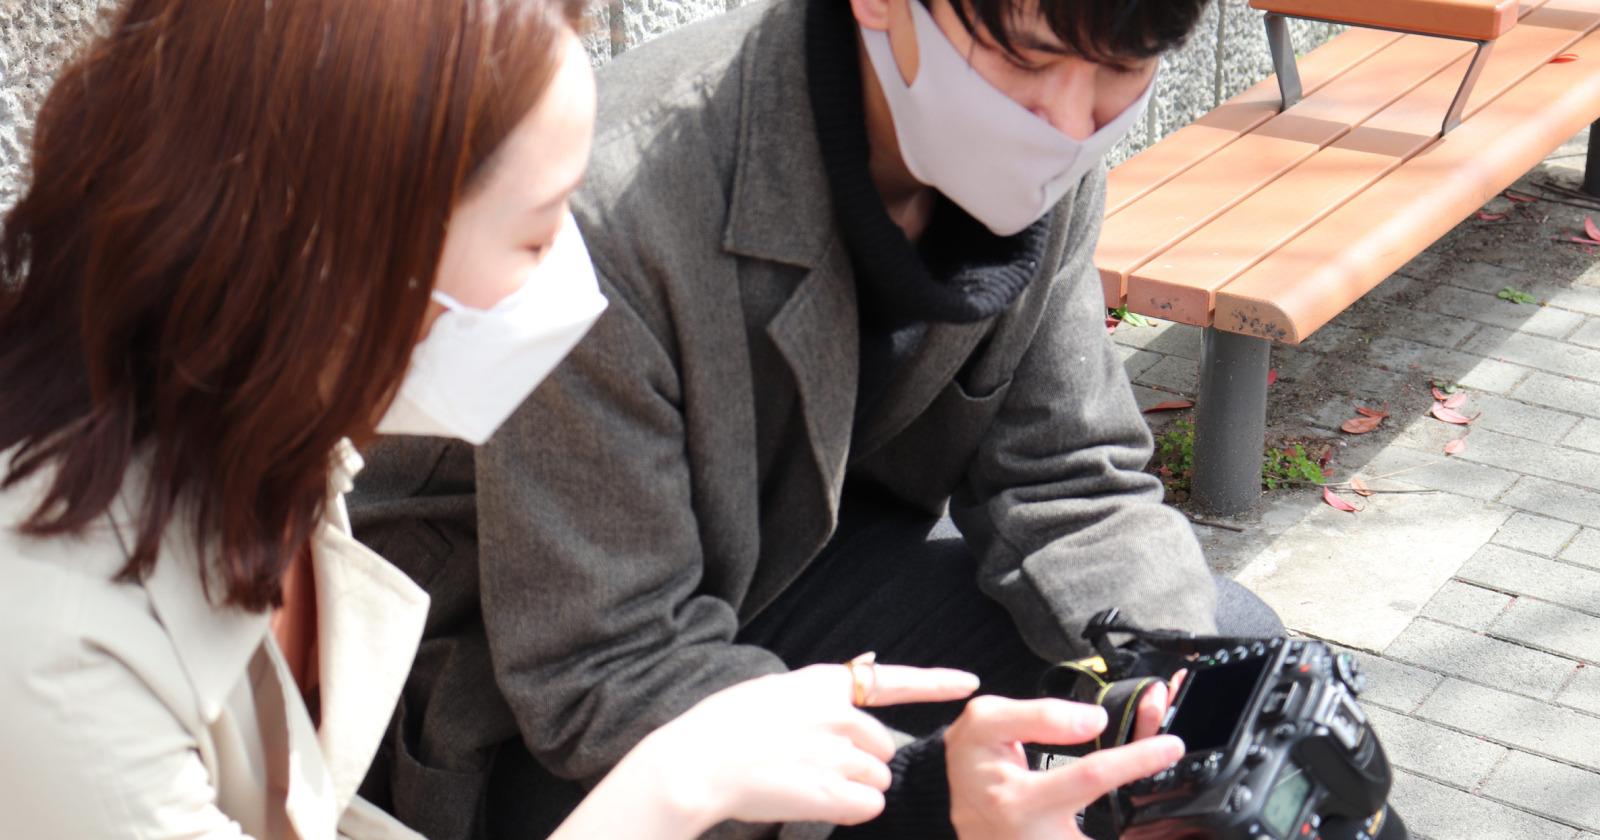 婚活_マッチングアプリ_写真_おすすめ